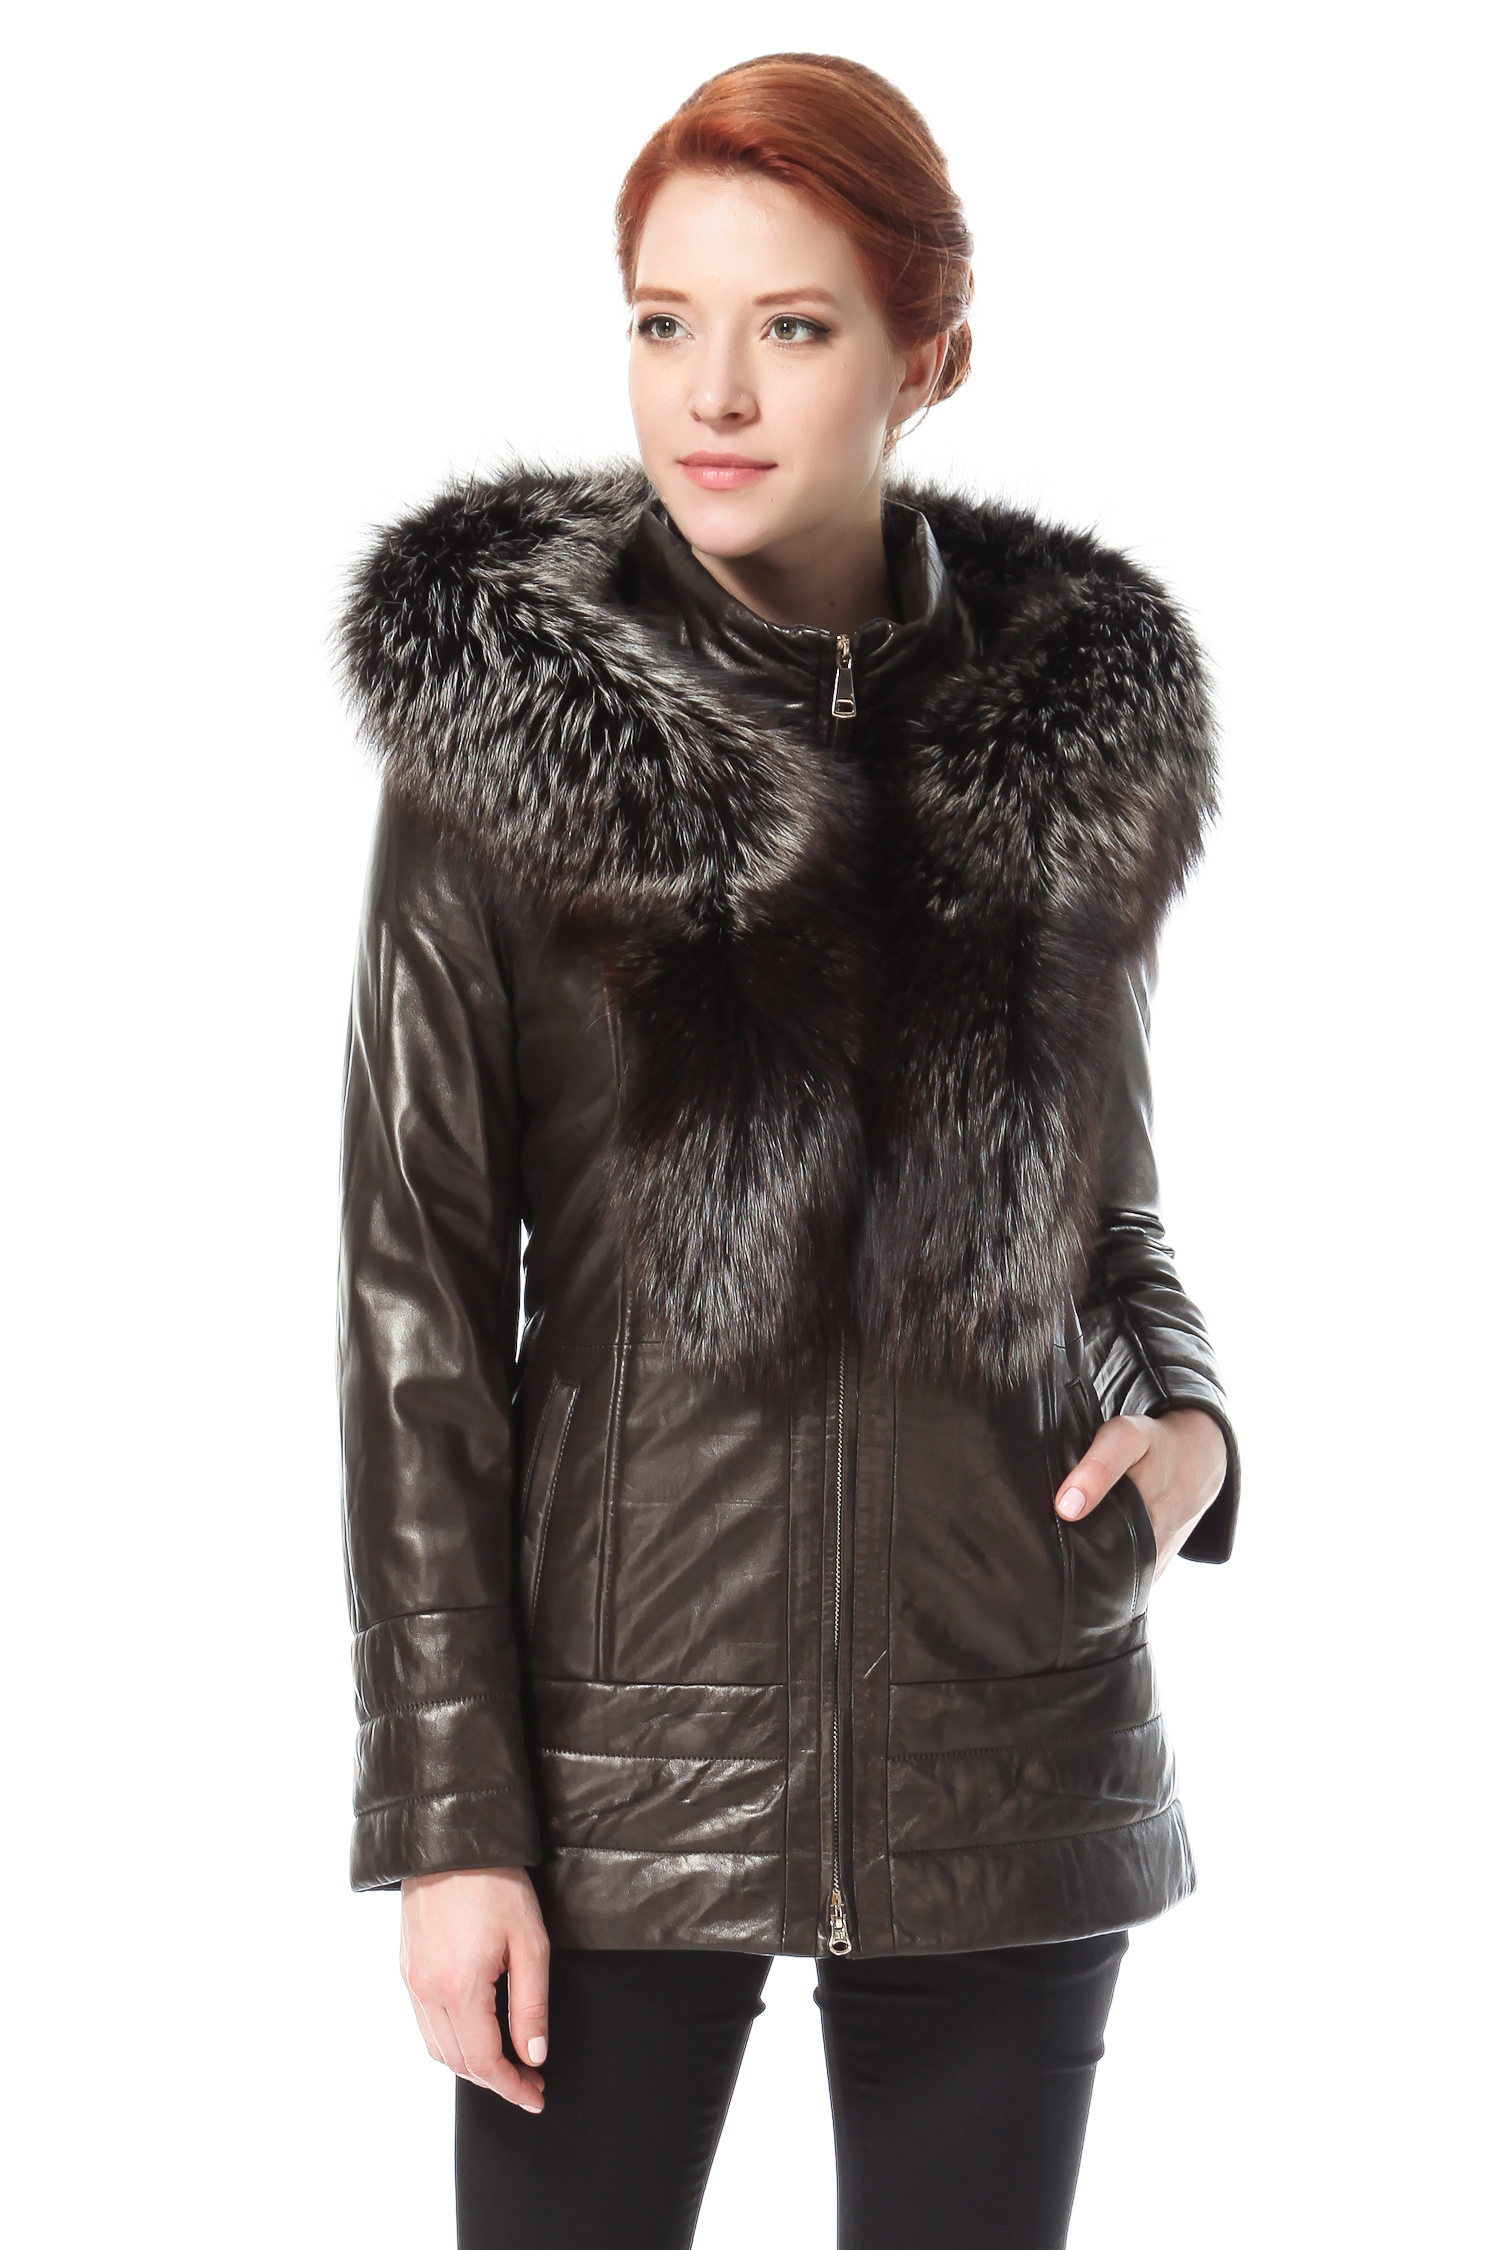 Женская кожаная куртка из натуральной кожи с капюшоном, отделка чернобуркаЦвет  горького шоколада.<br><br>Куртка сшита из специально выделанной кожи молодого ягненка - ПЛОНЖЕ. Воротник выполнен из меха черно-бурой лисы. В качестве утеплителя использован синтепон.<br><br>Модель с безупречной посадкой, лаконичным силуэтом, минимумом деталей, выгодно отличается практичностью иуниверсальностью. Мягкий кожаный пояс подчеркнет женственную линию бедра. Воротник стойка и роскошный капюшон с отделкой из меха чернобурки , позволят быть всегда во всеоружии, несмотря на любые погодные условия<br><br>Воротник: Капюшон<br>Длина см: 75<br>Материал: Натуральная кожа<br>Цвет: Коричневый<br>Вид застежки: Чернобурка<br>Застежка: Синтепон<br>Пол: Женский